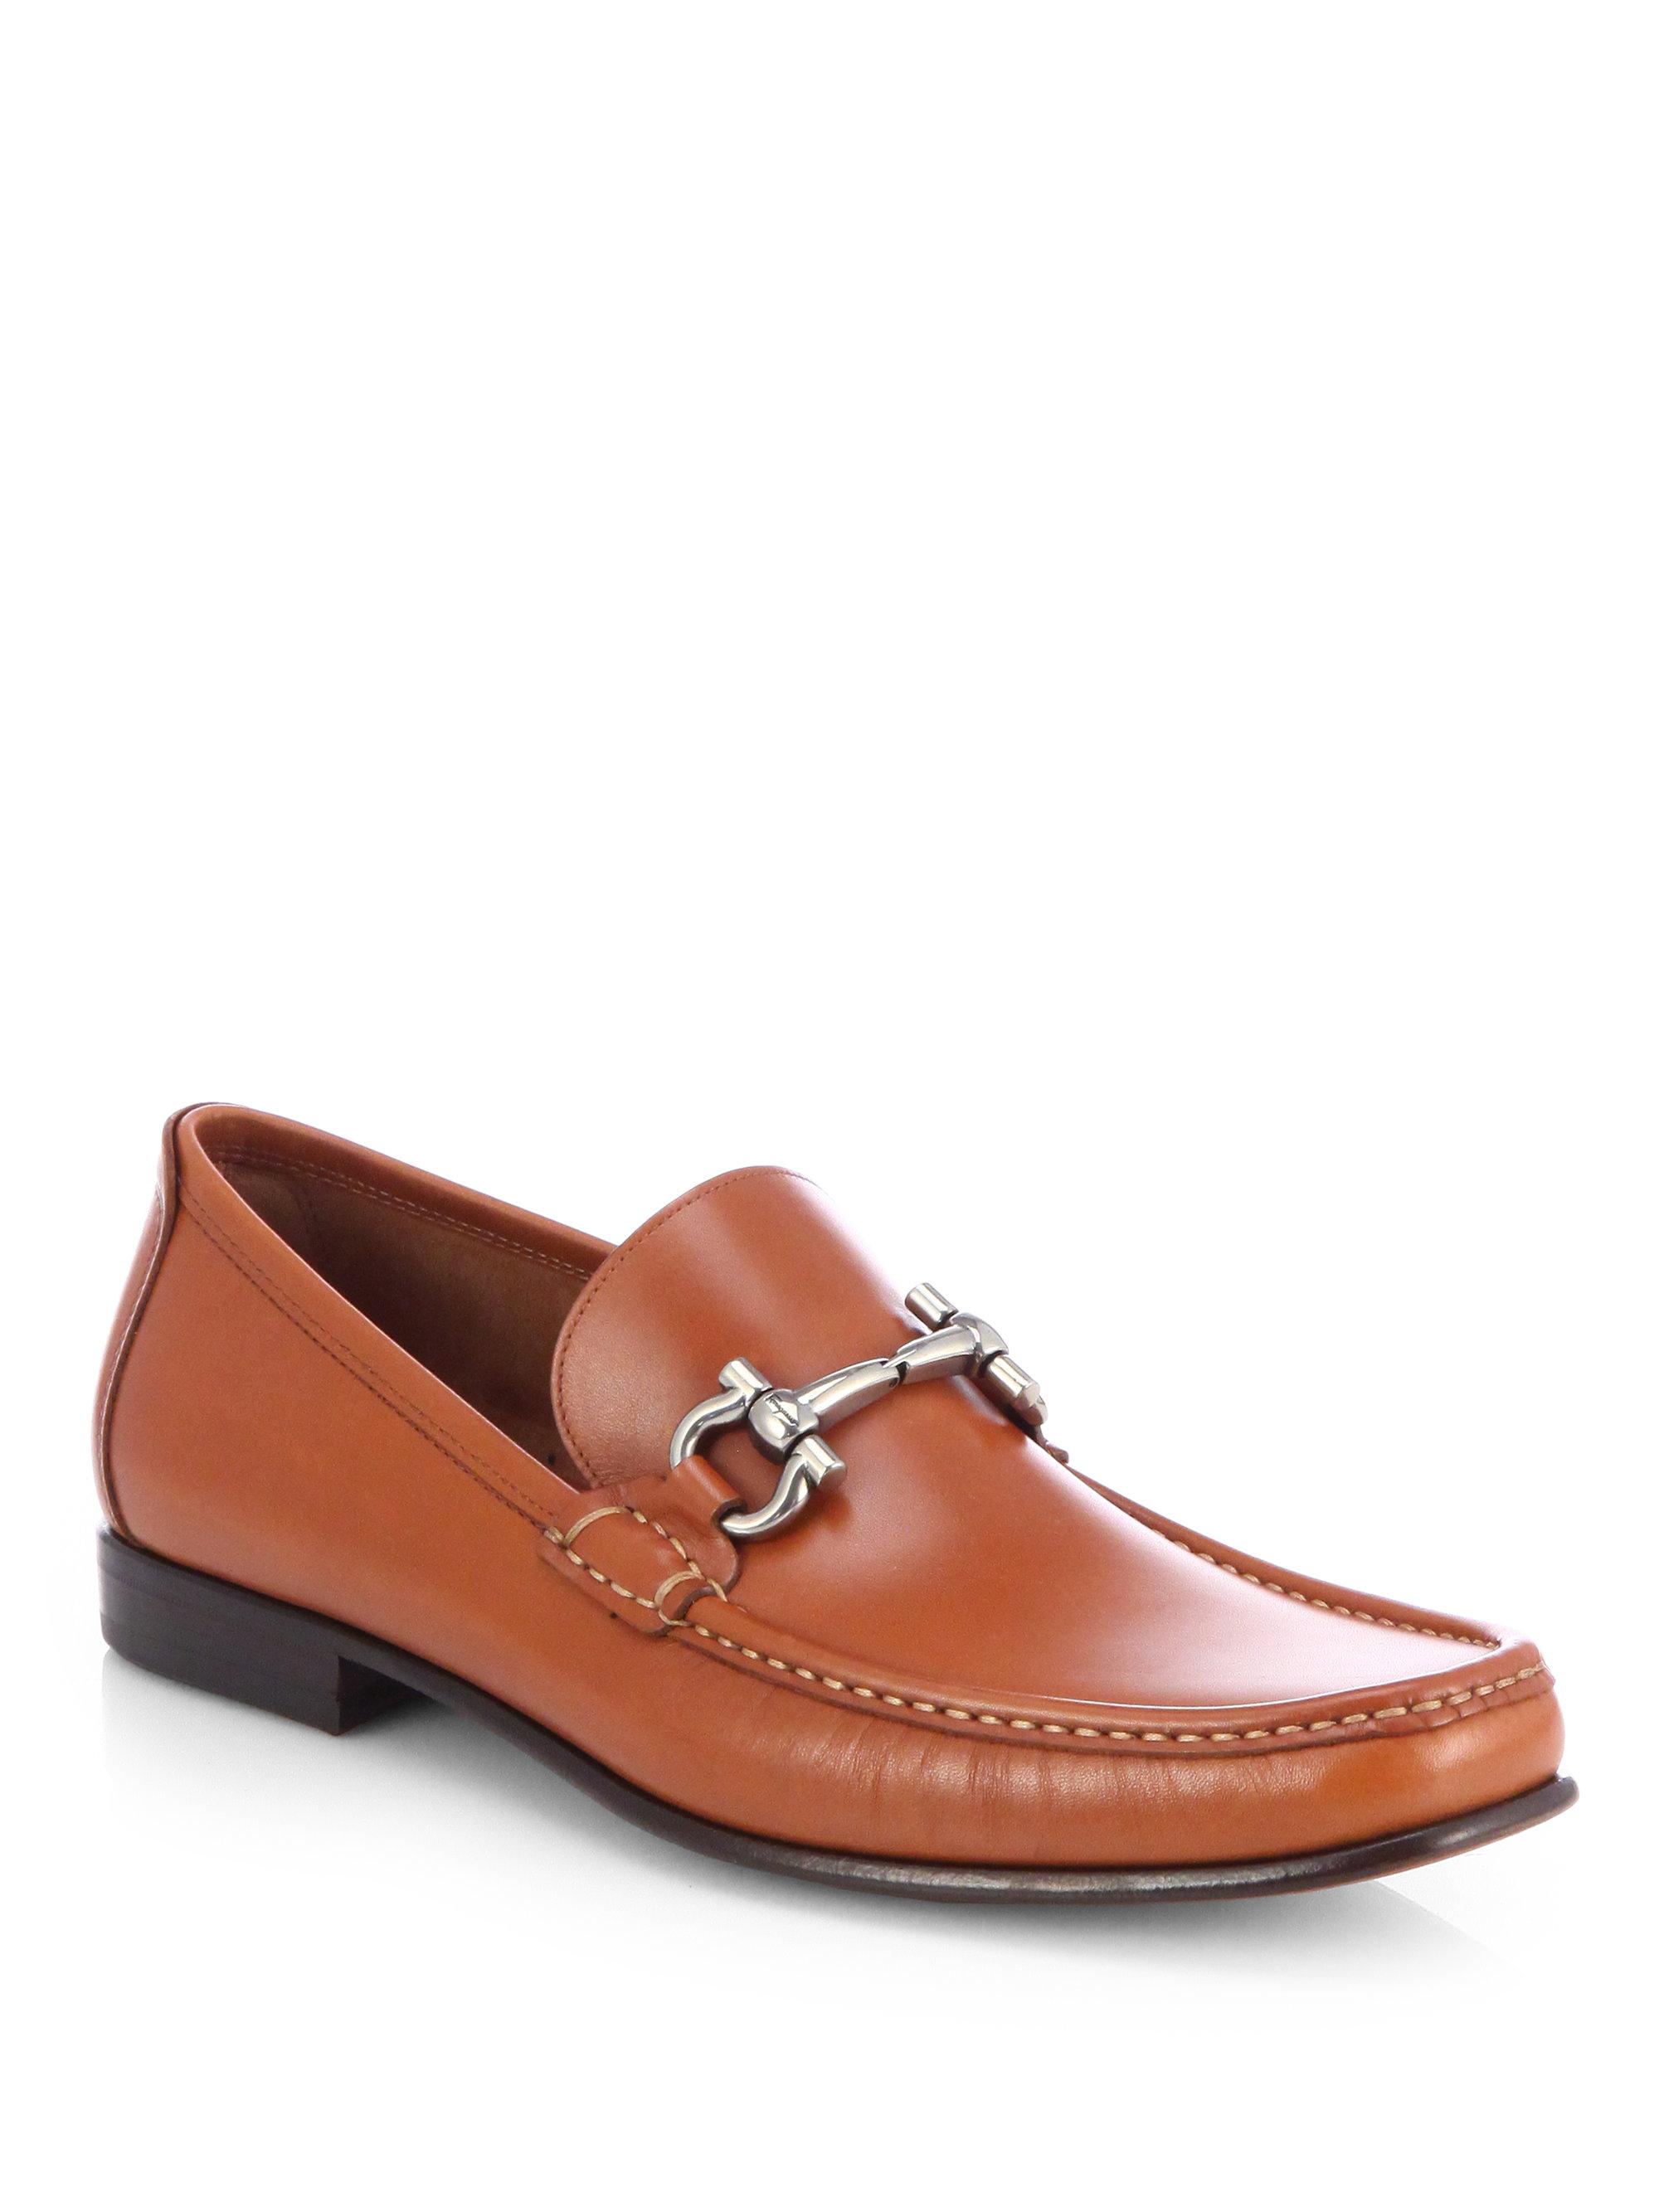 Ferragamo Shoes Sizing   A